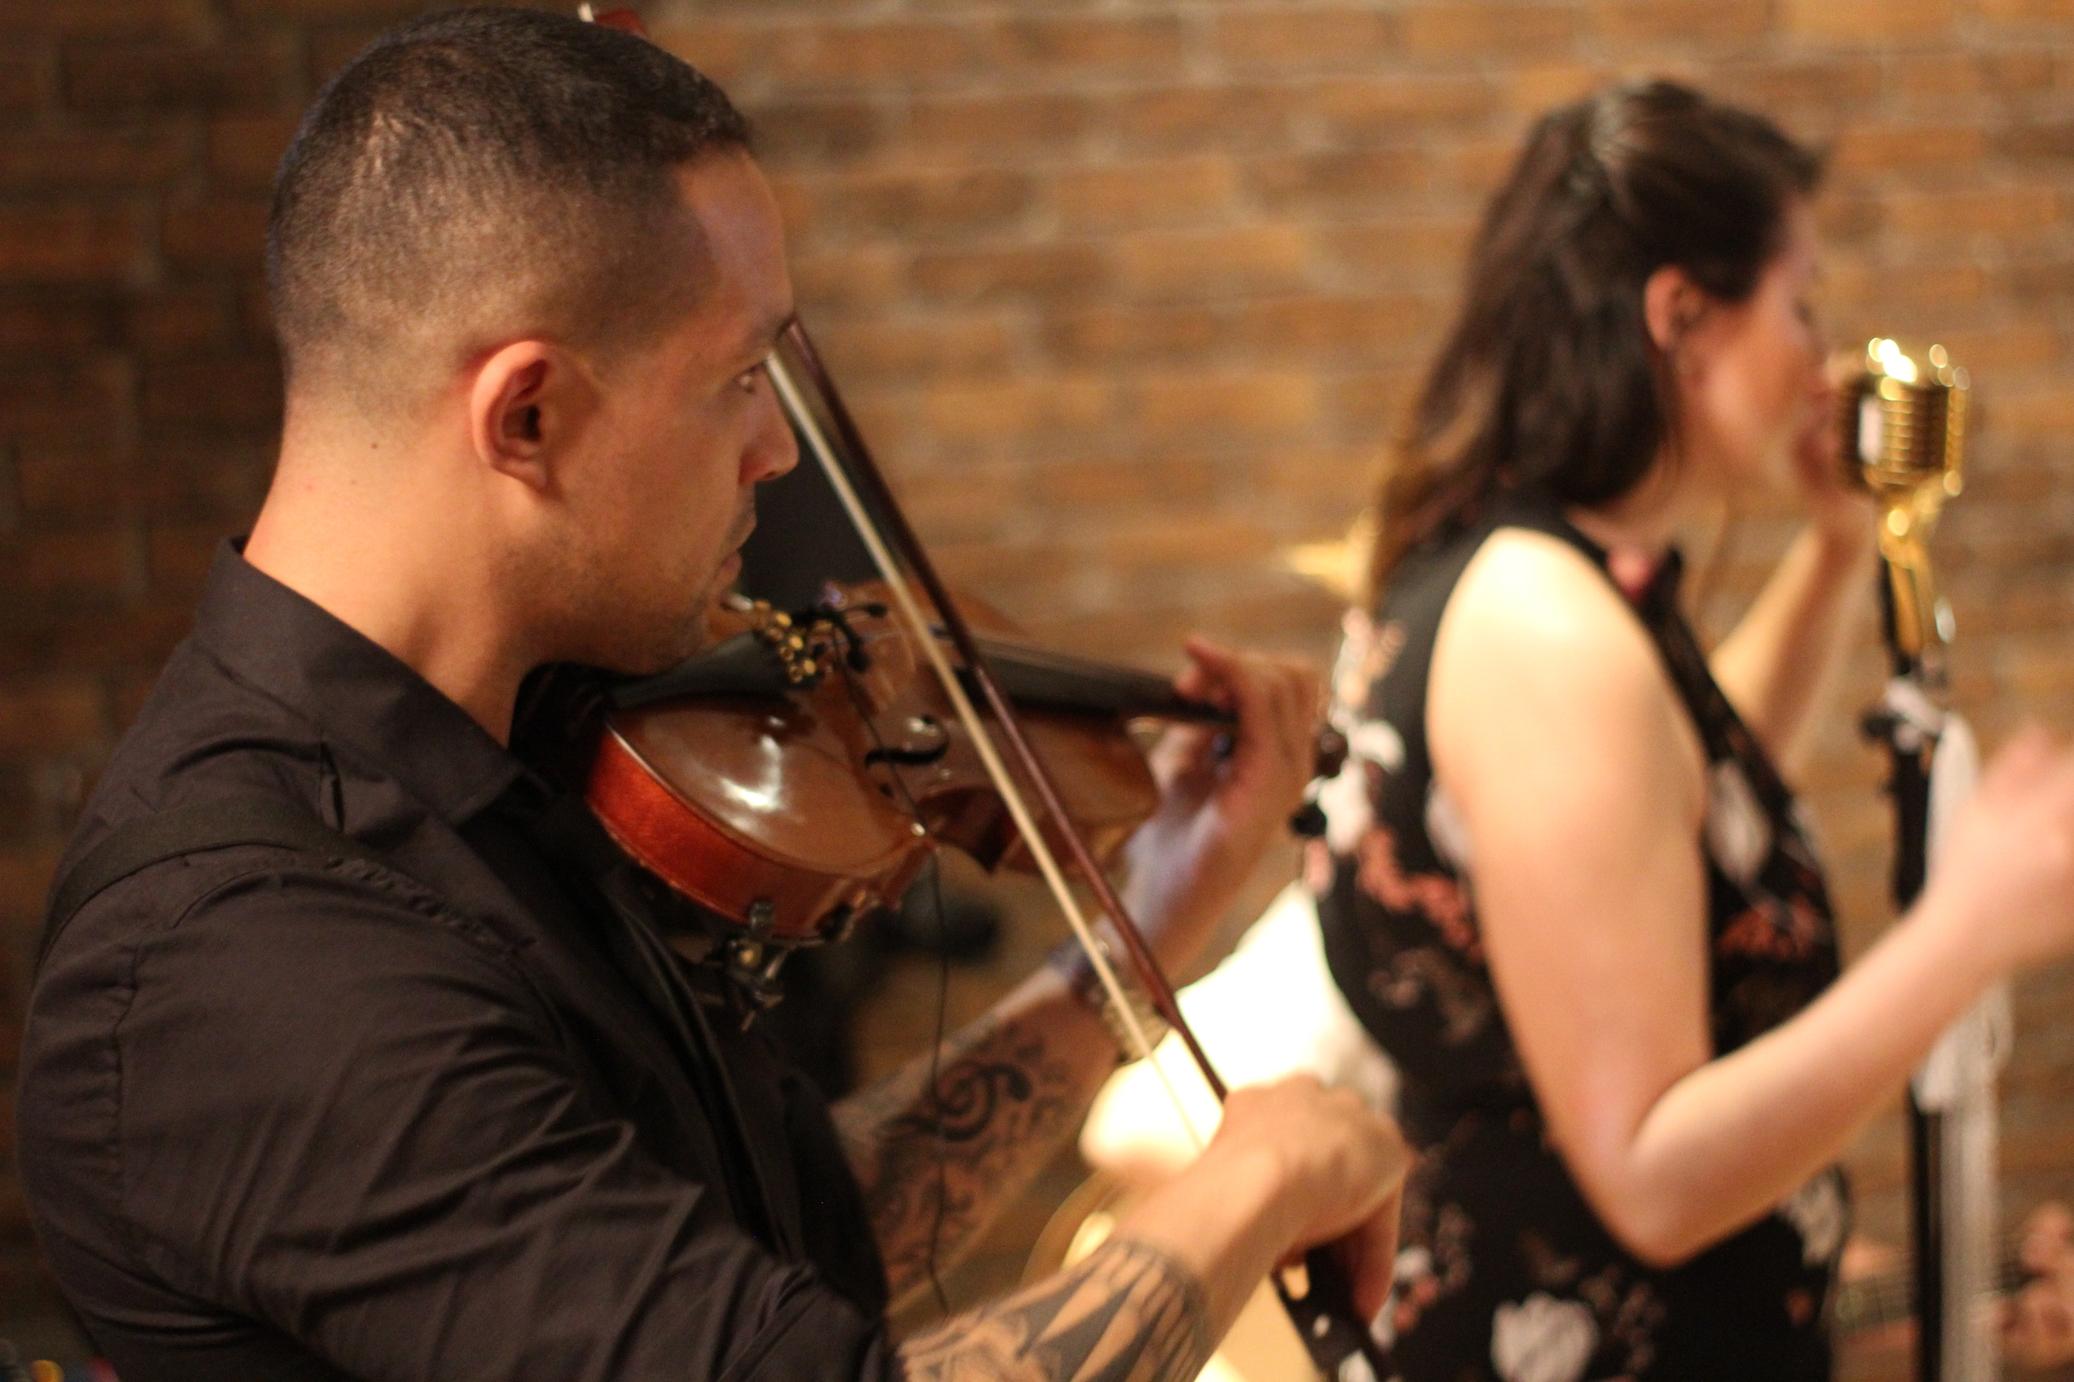 Casamento Leidi e Ale Voz, Violão e Violino 05